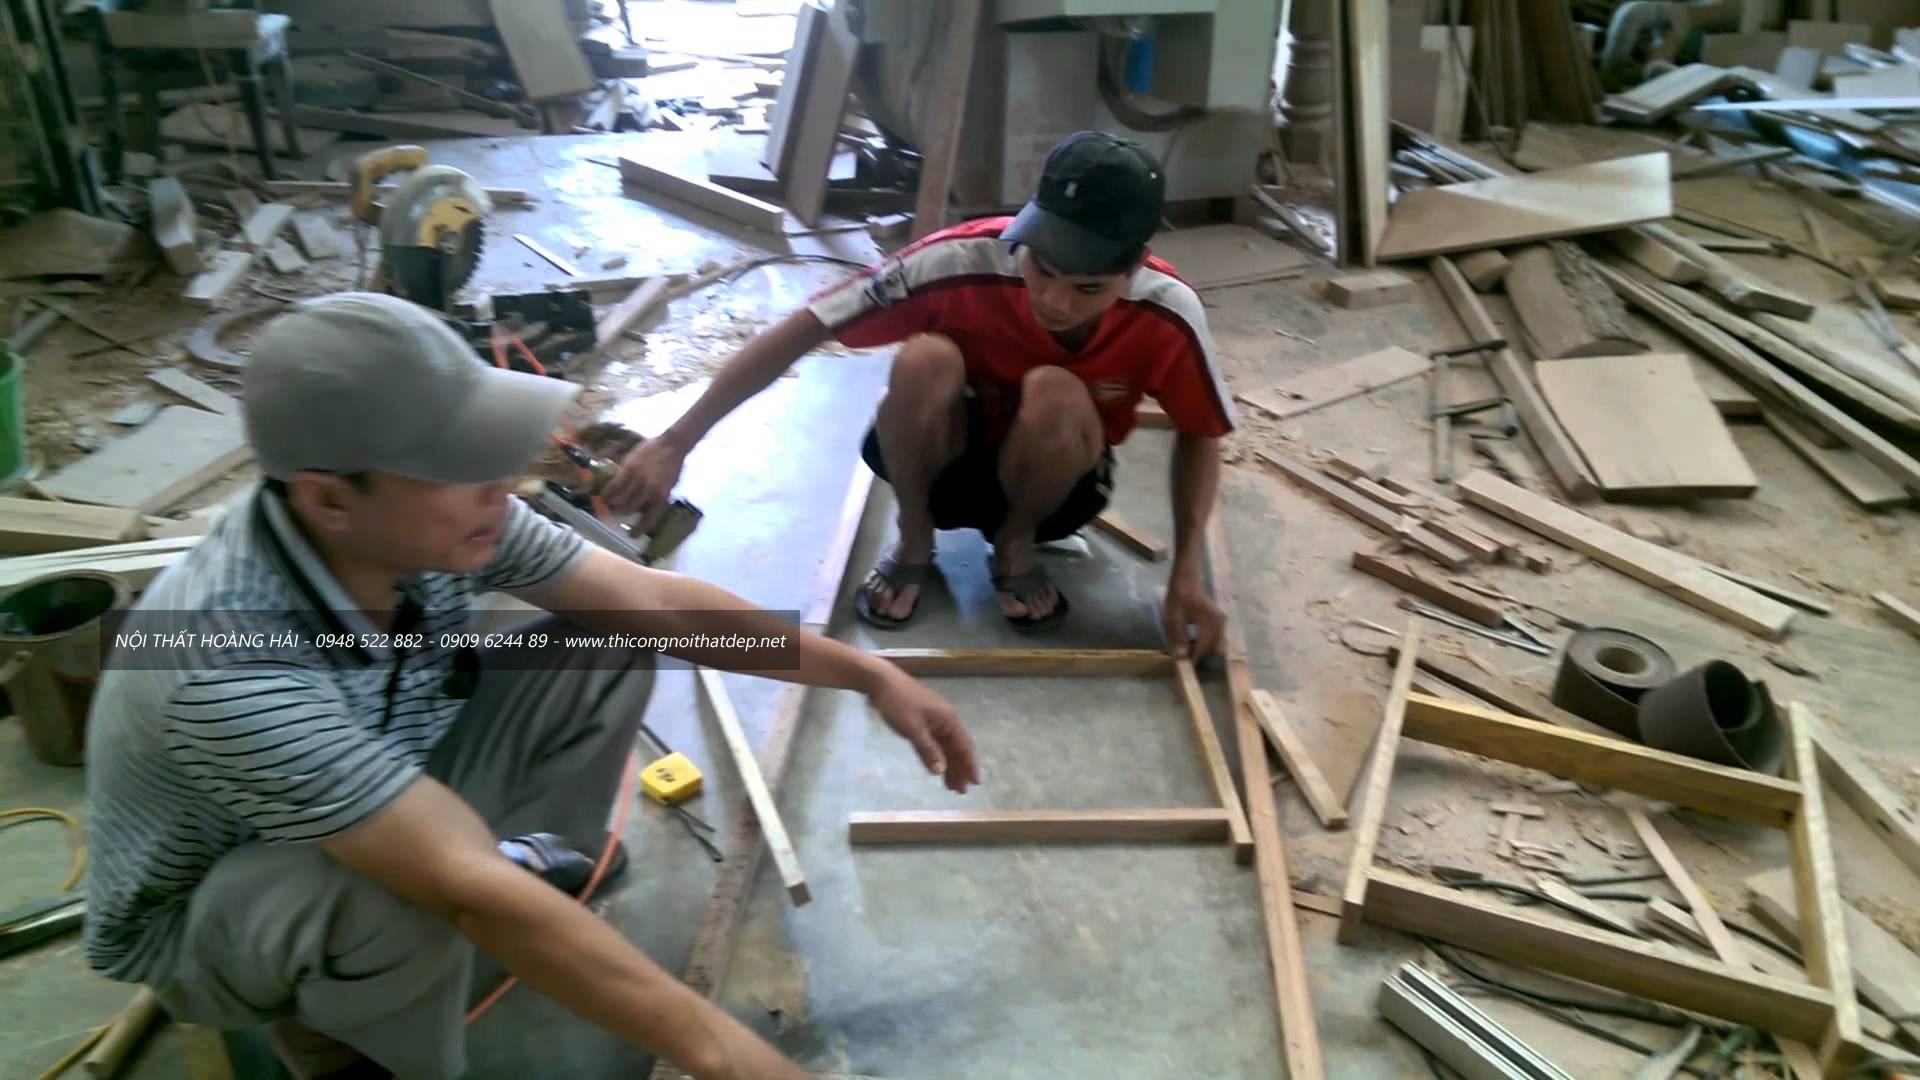 Xưởng sản xuất gỗ tự nhiên giá rẻ tại Hà Nội